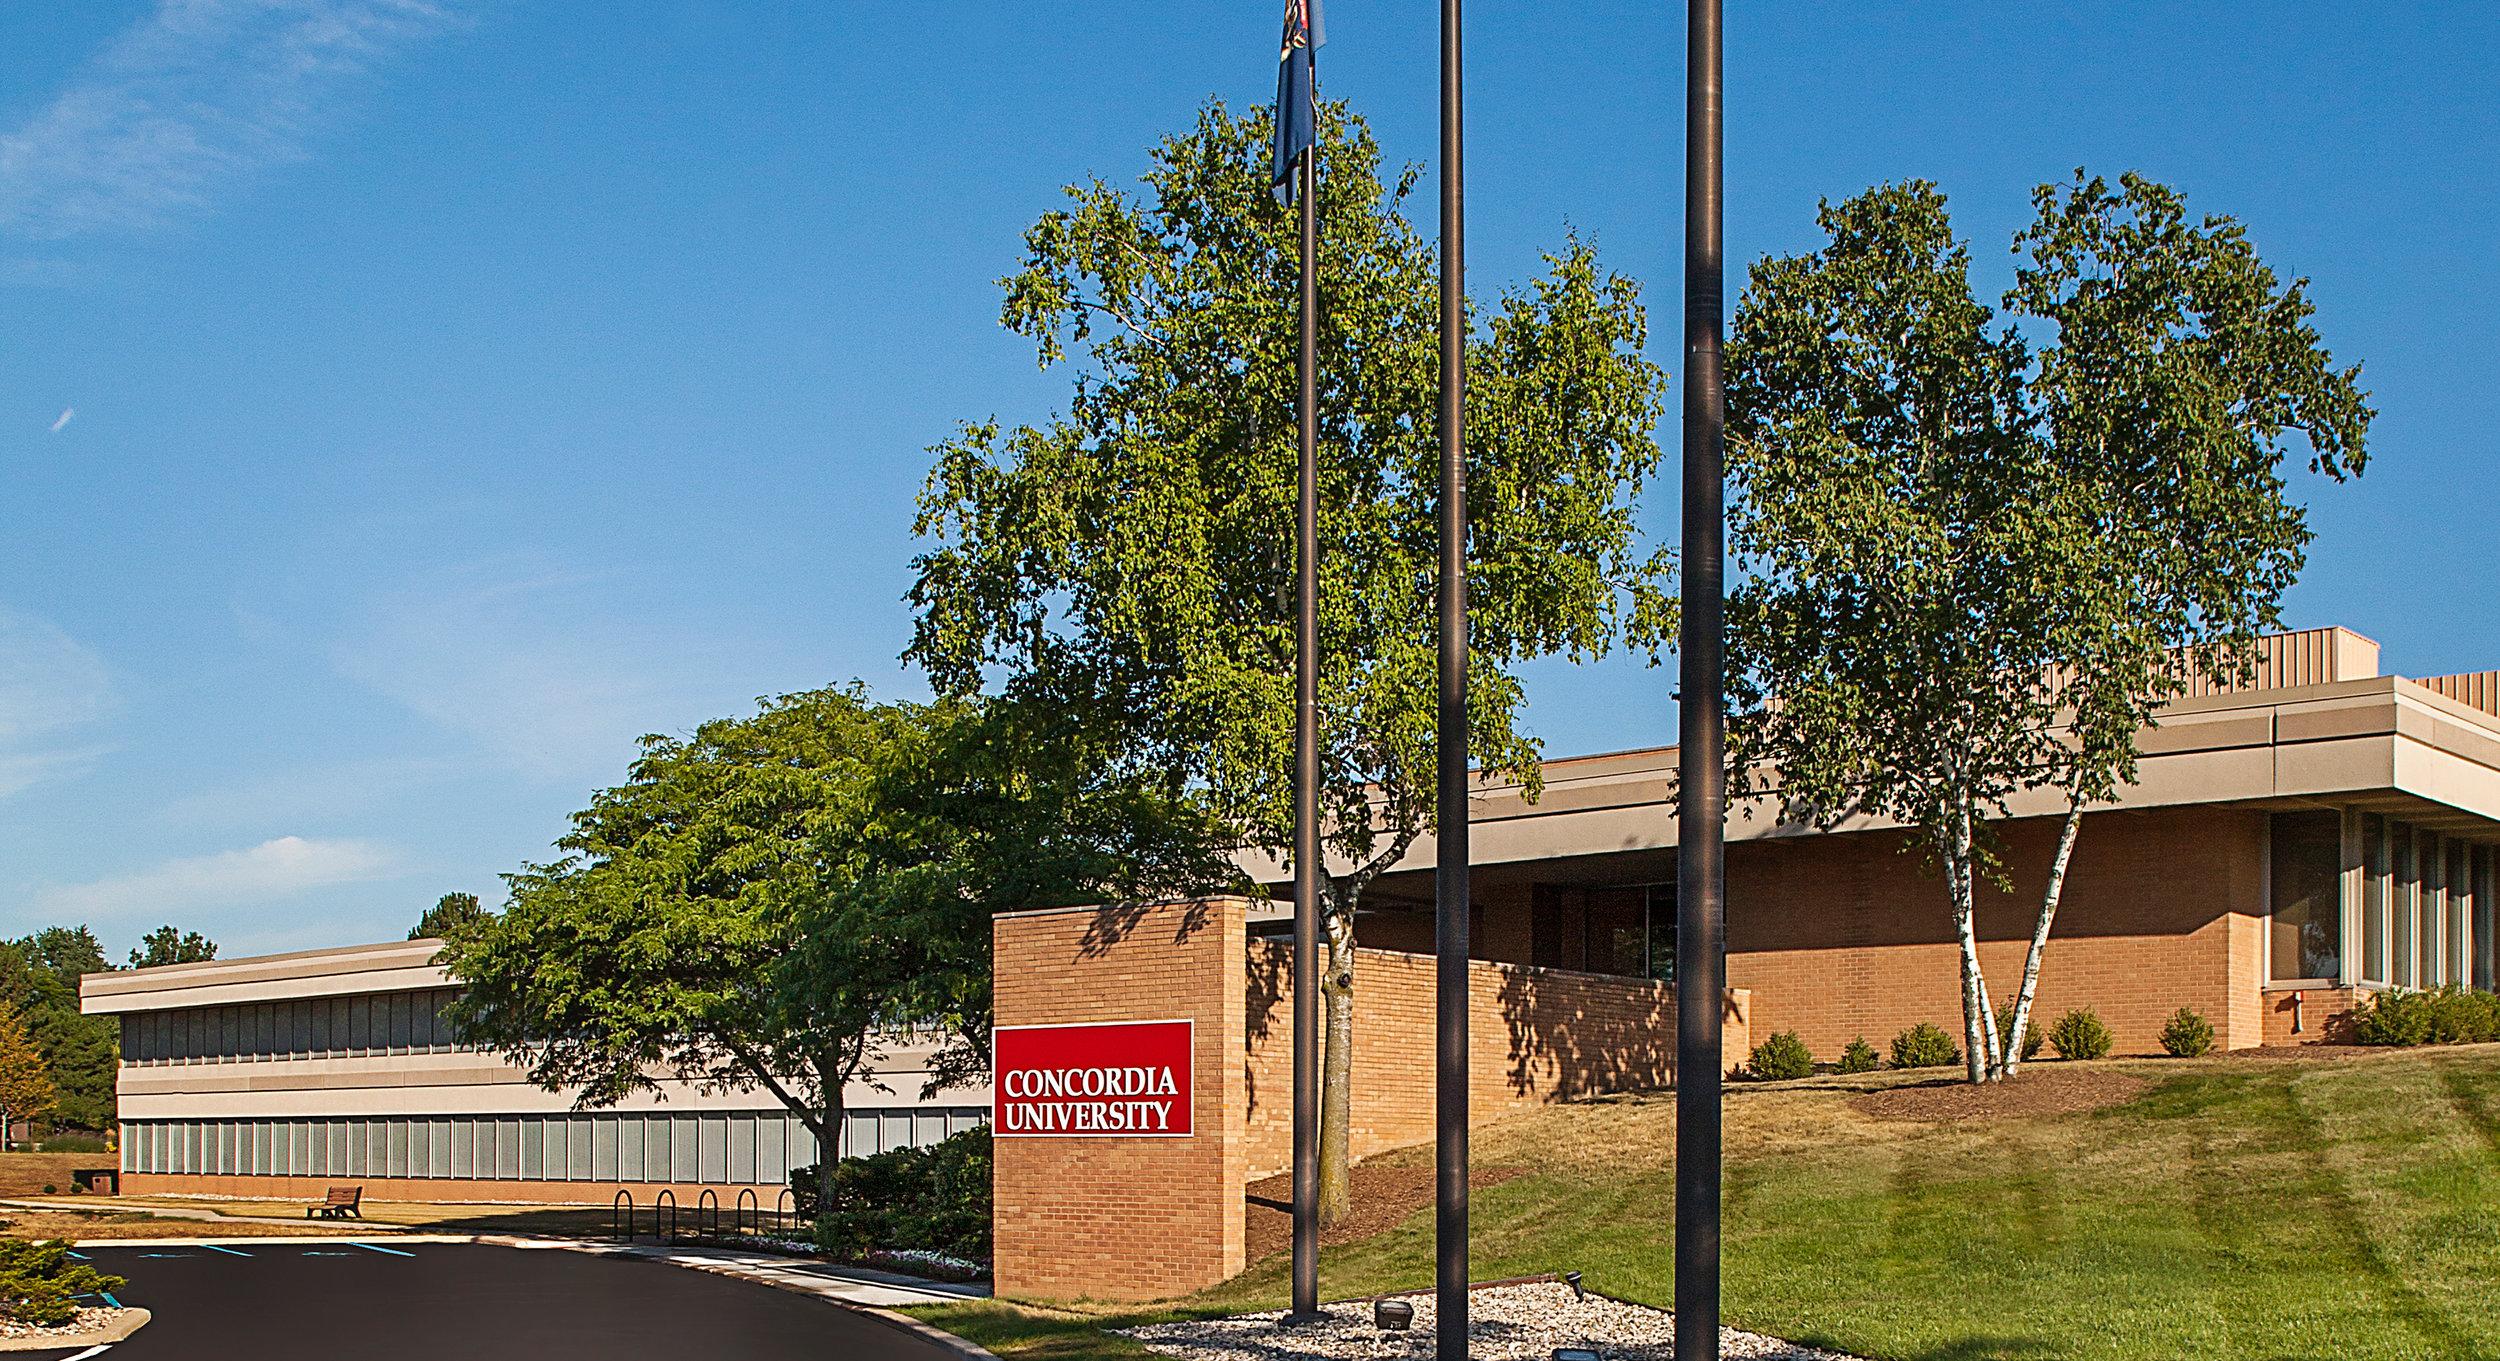 Concordia University Ann Arbor School of Nursing in Ann Arbor, Michigan.